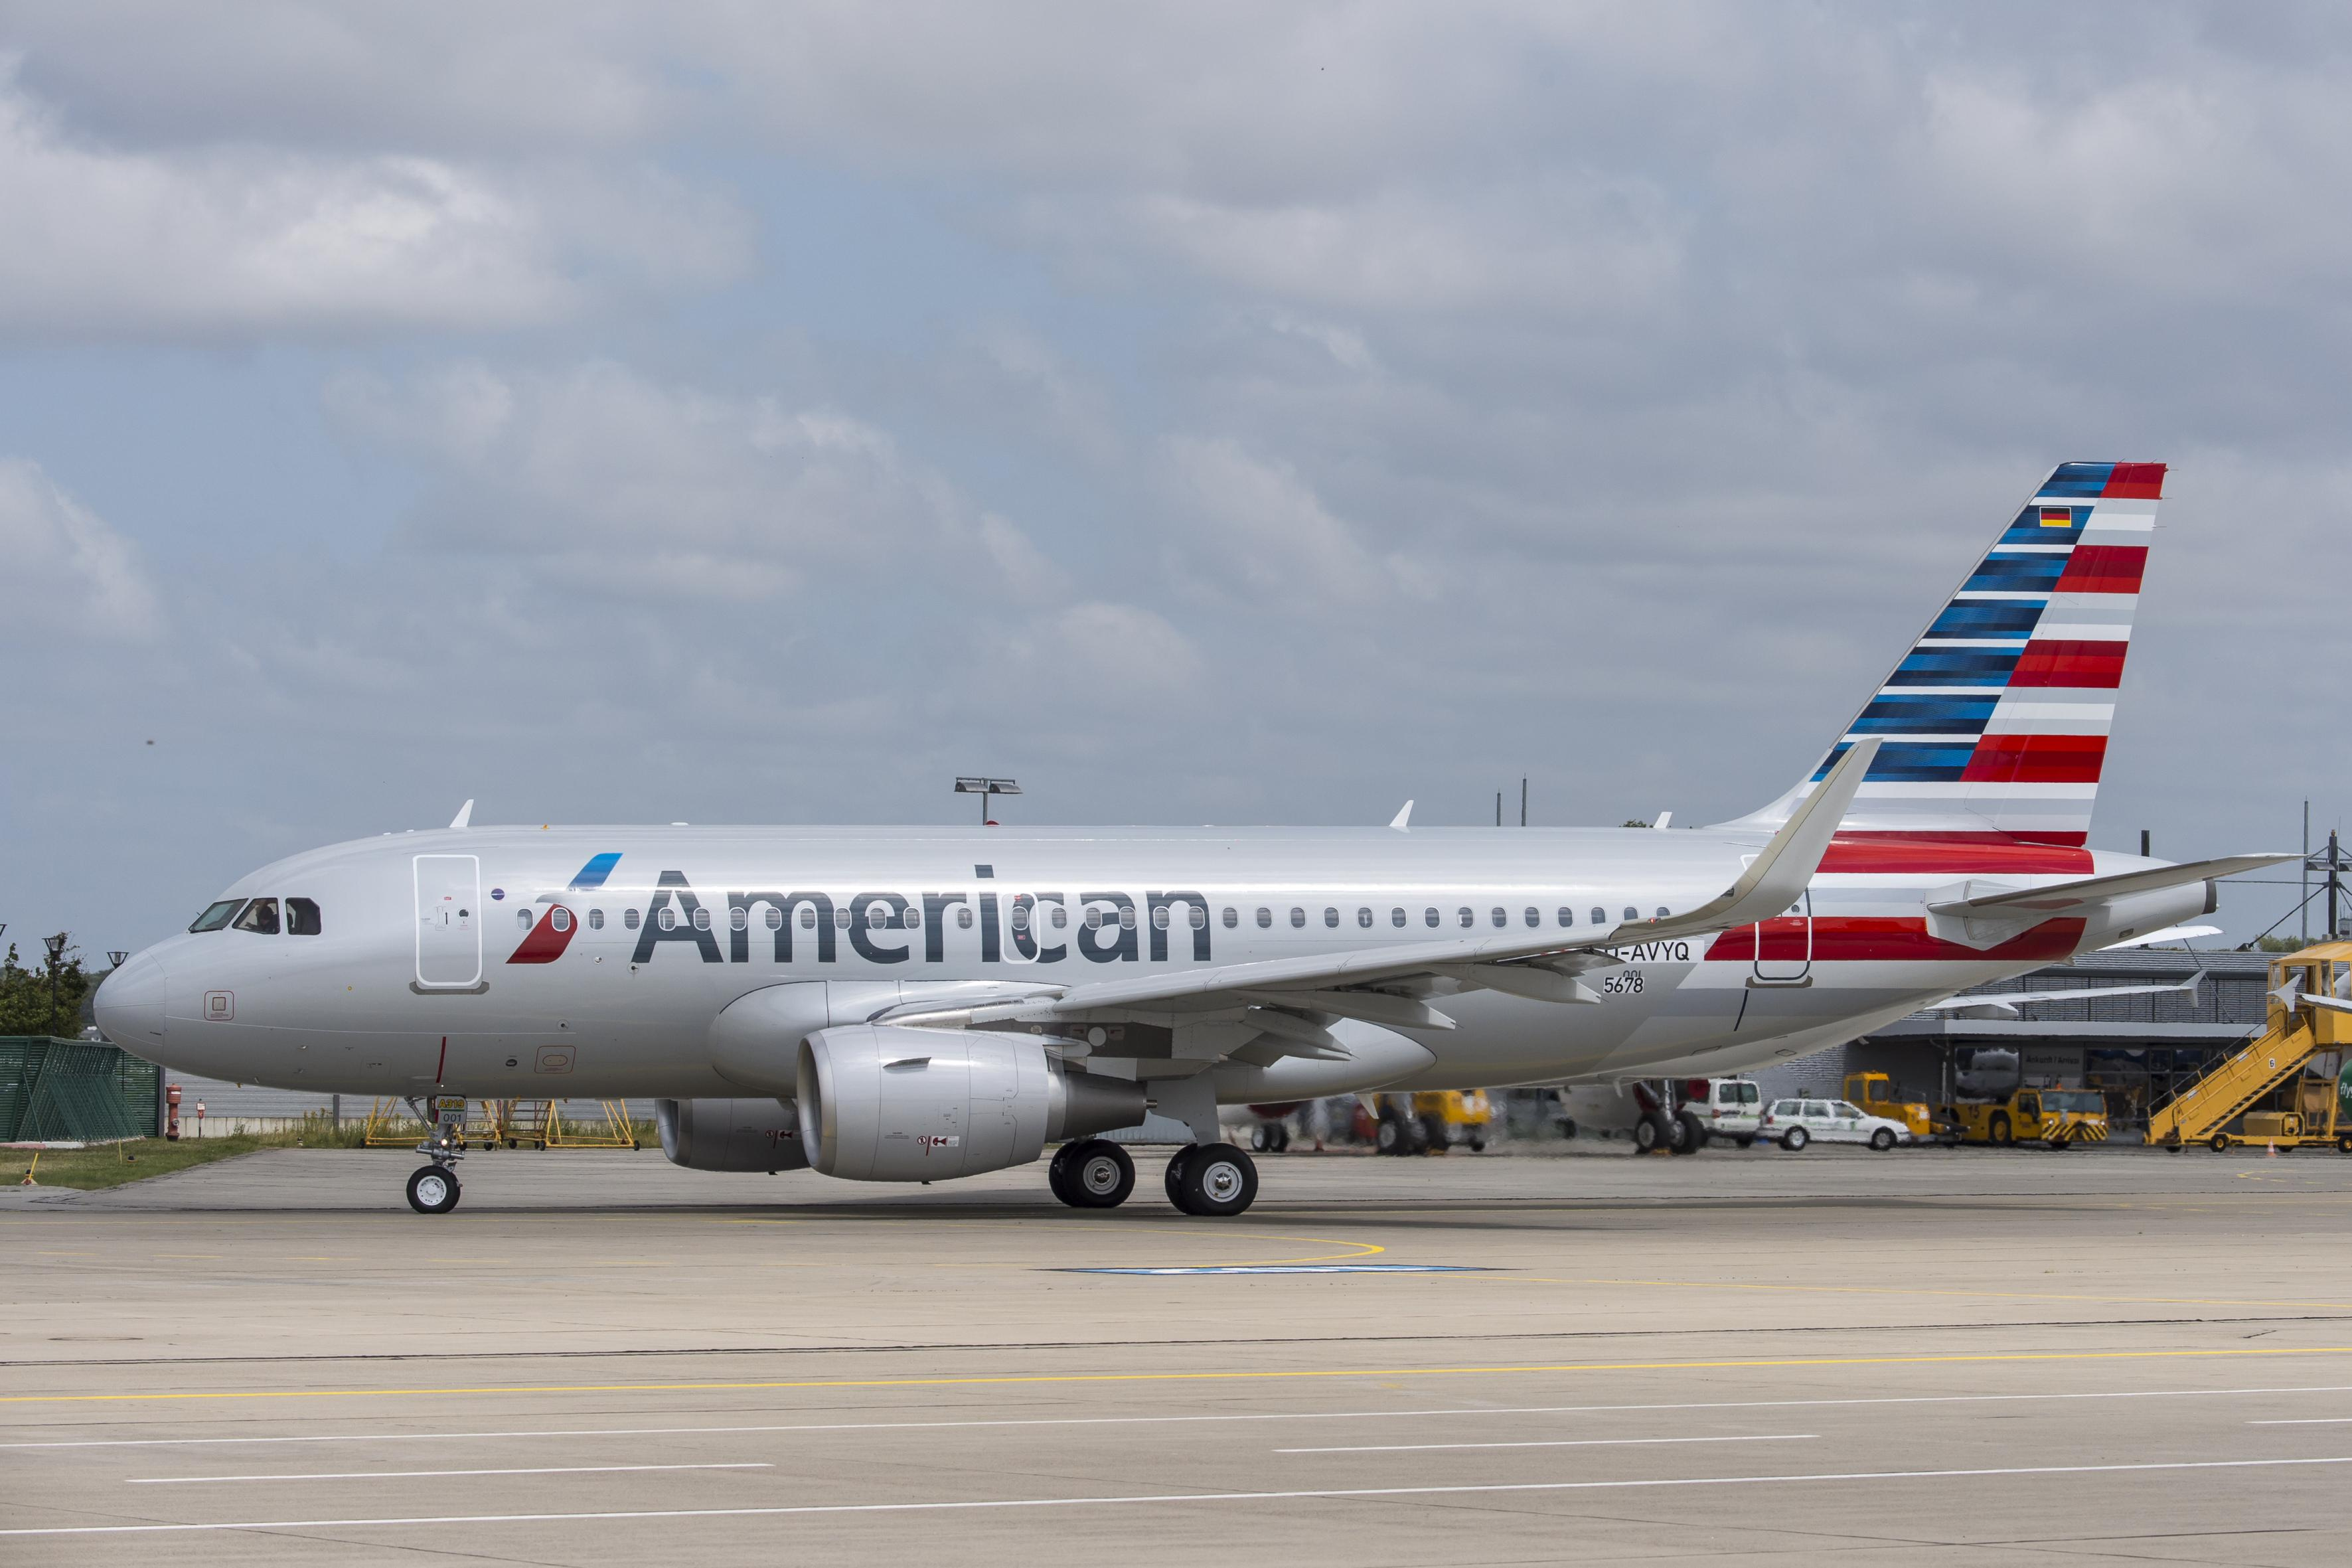 Un conflicto comercial enfrenta a la mayor aerolínea de EE.UU. con Despegar.com